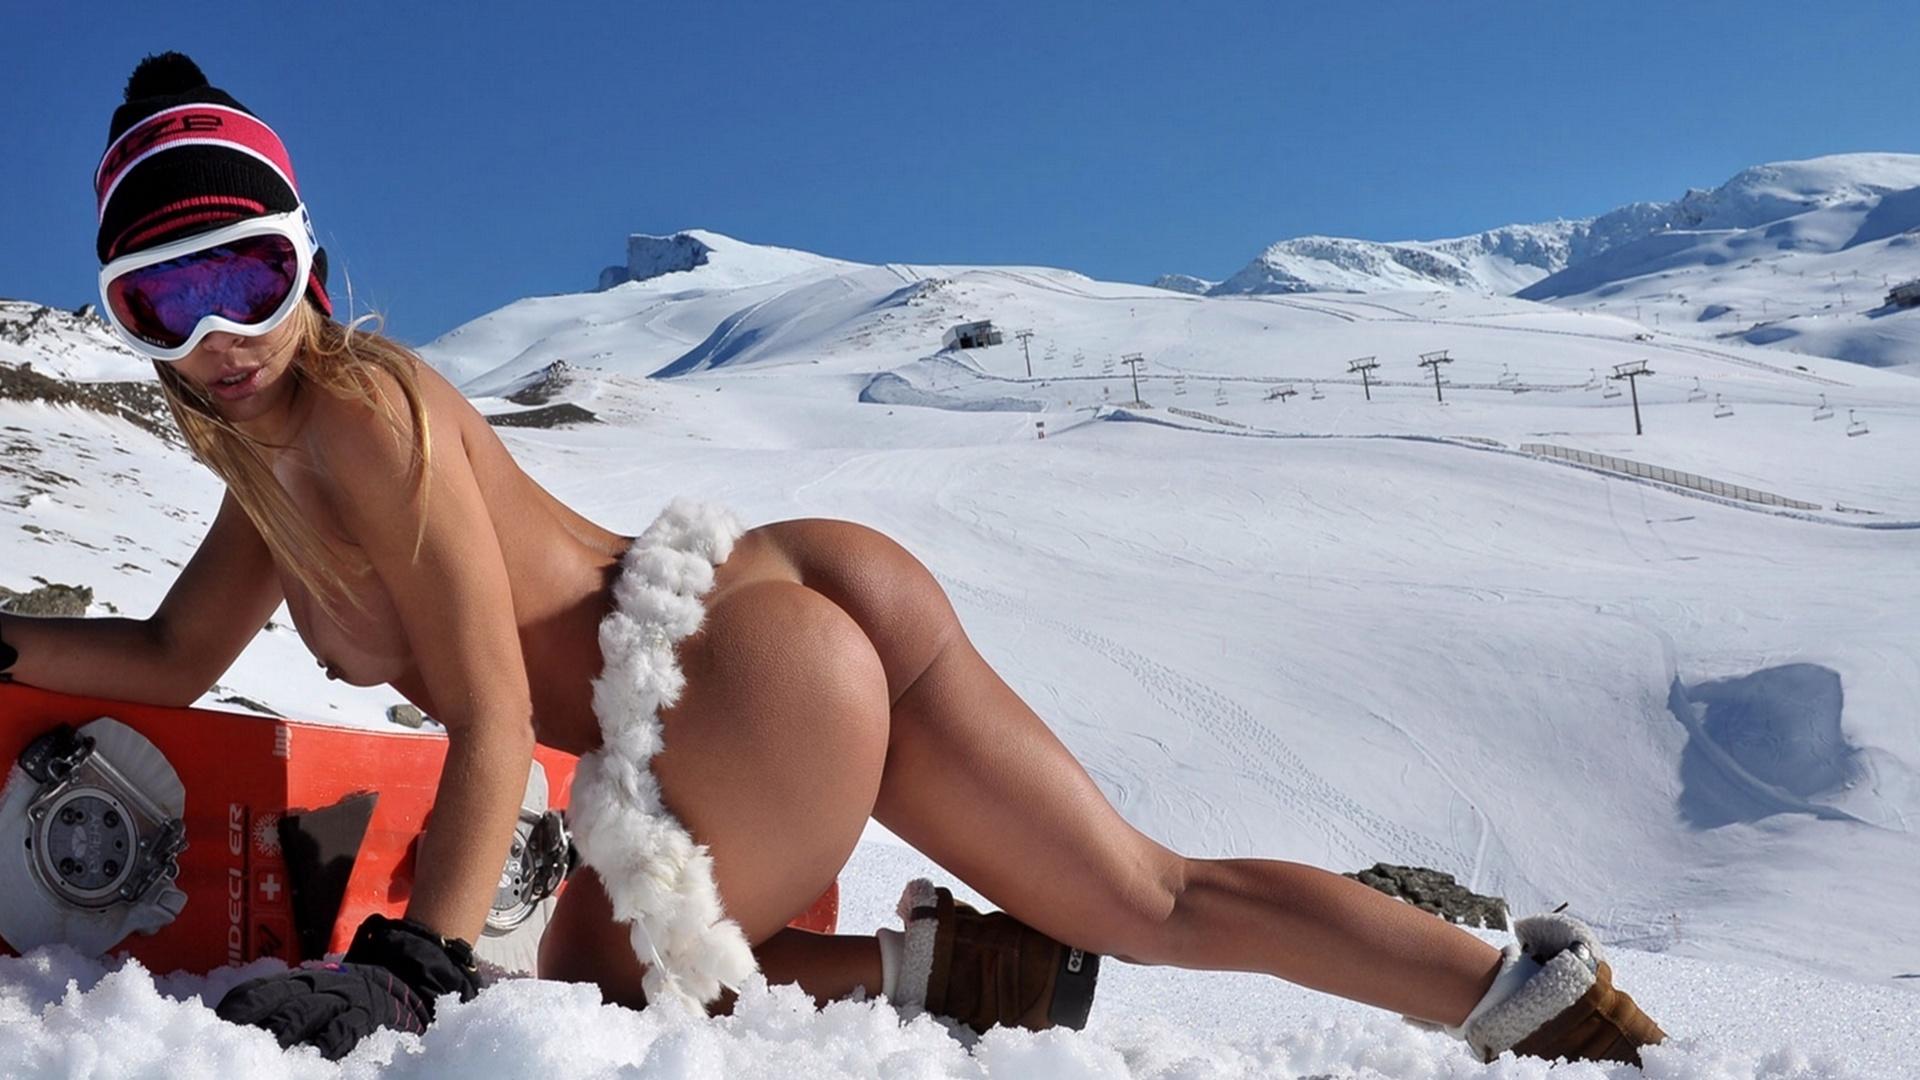 Согревающий секс на снегу 17 фотография